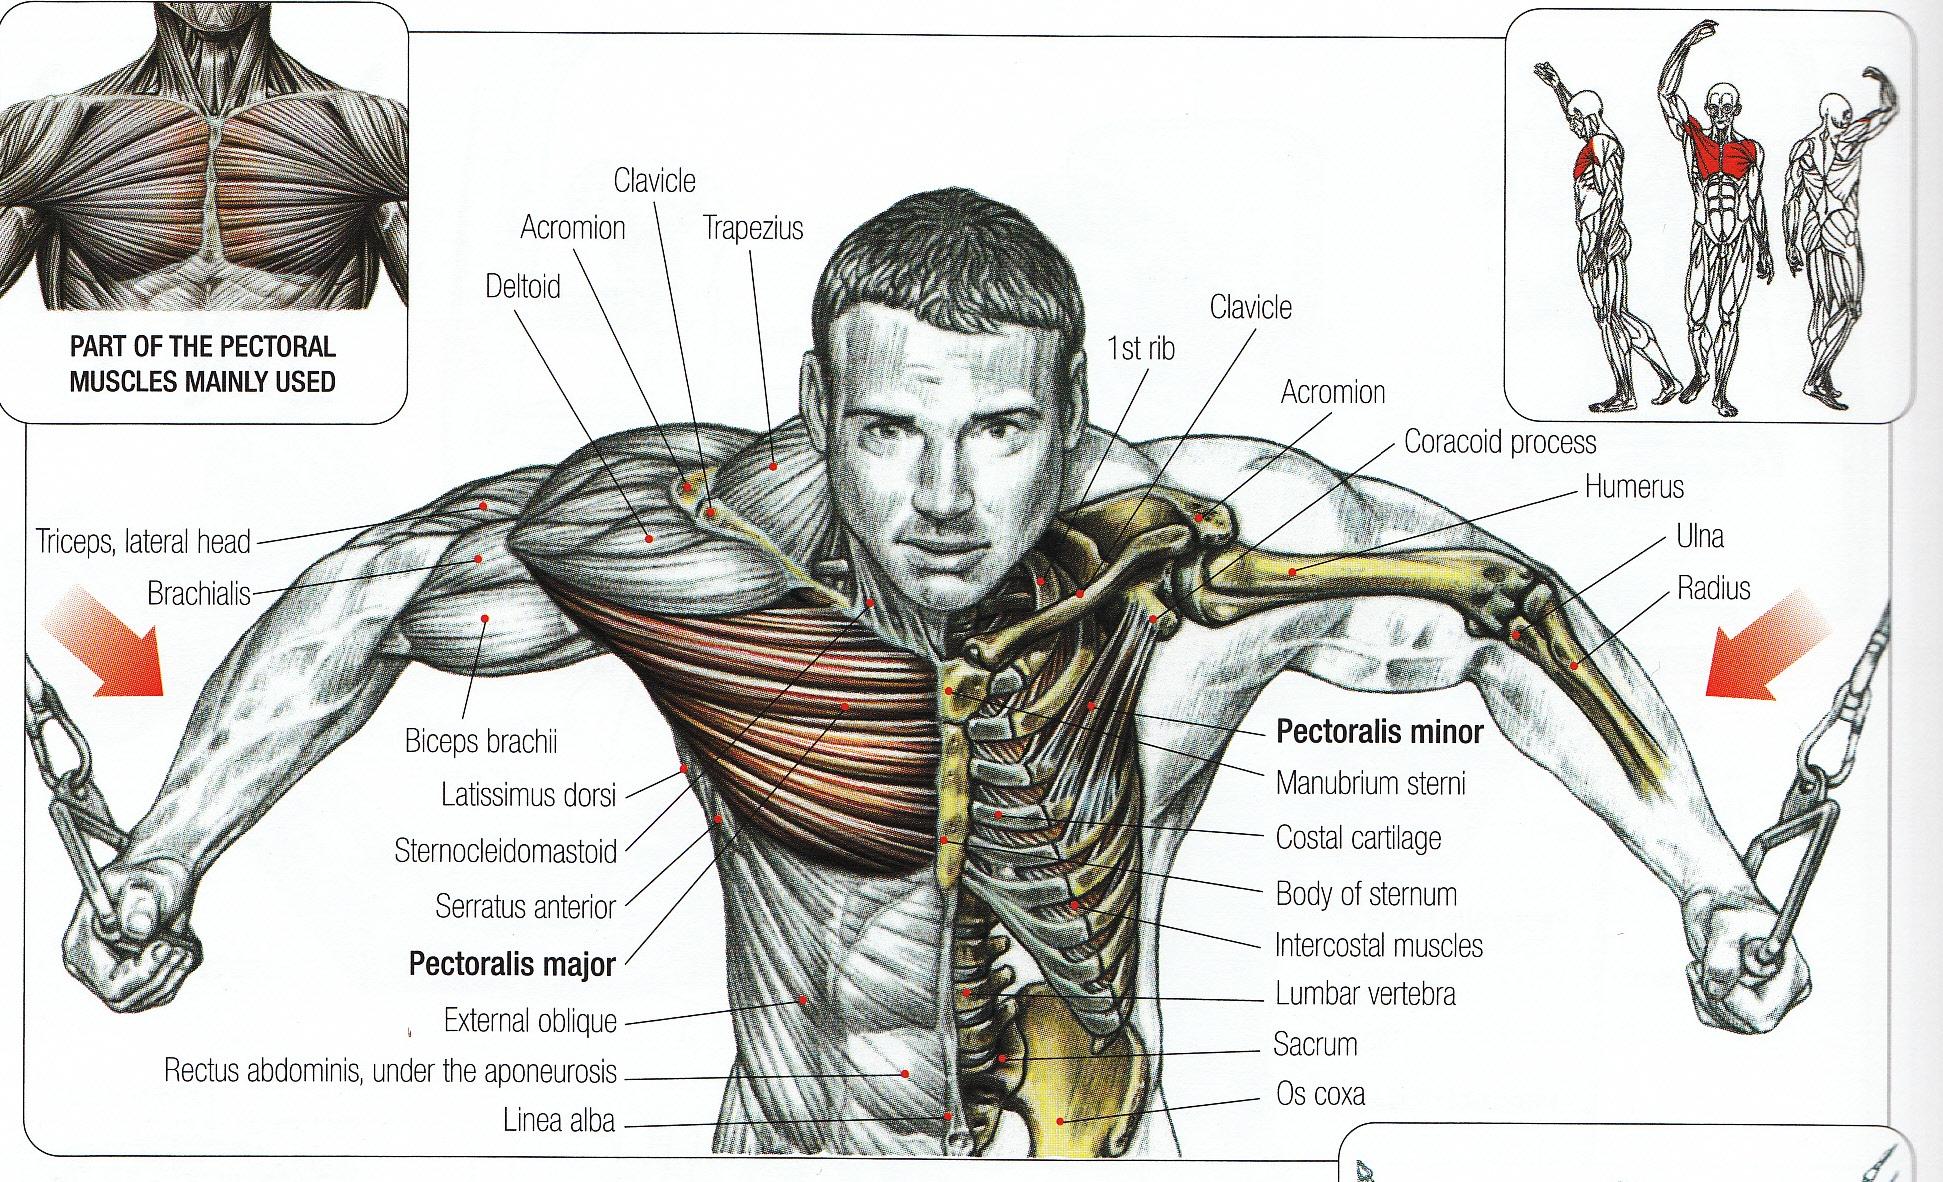 все мышцы и суставы тела болят inflamația degetului de la picior în articulație